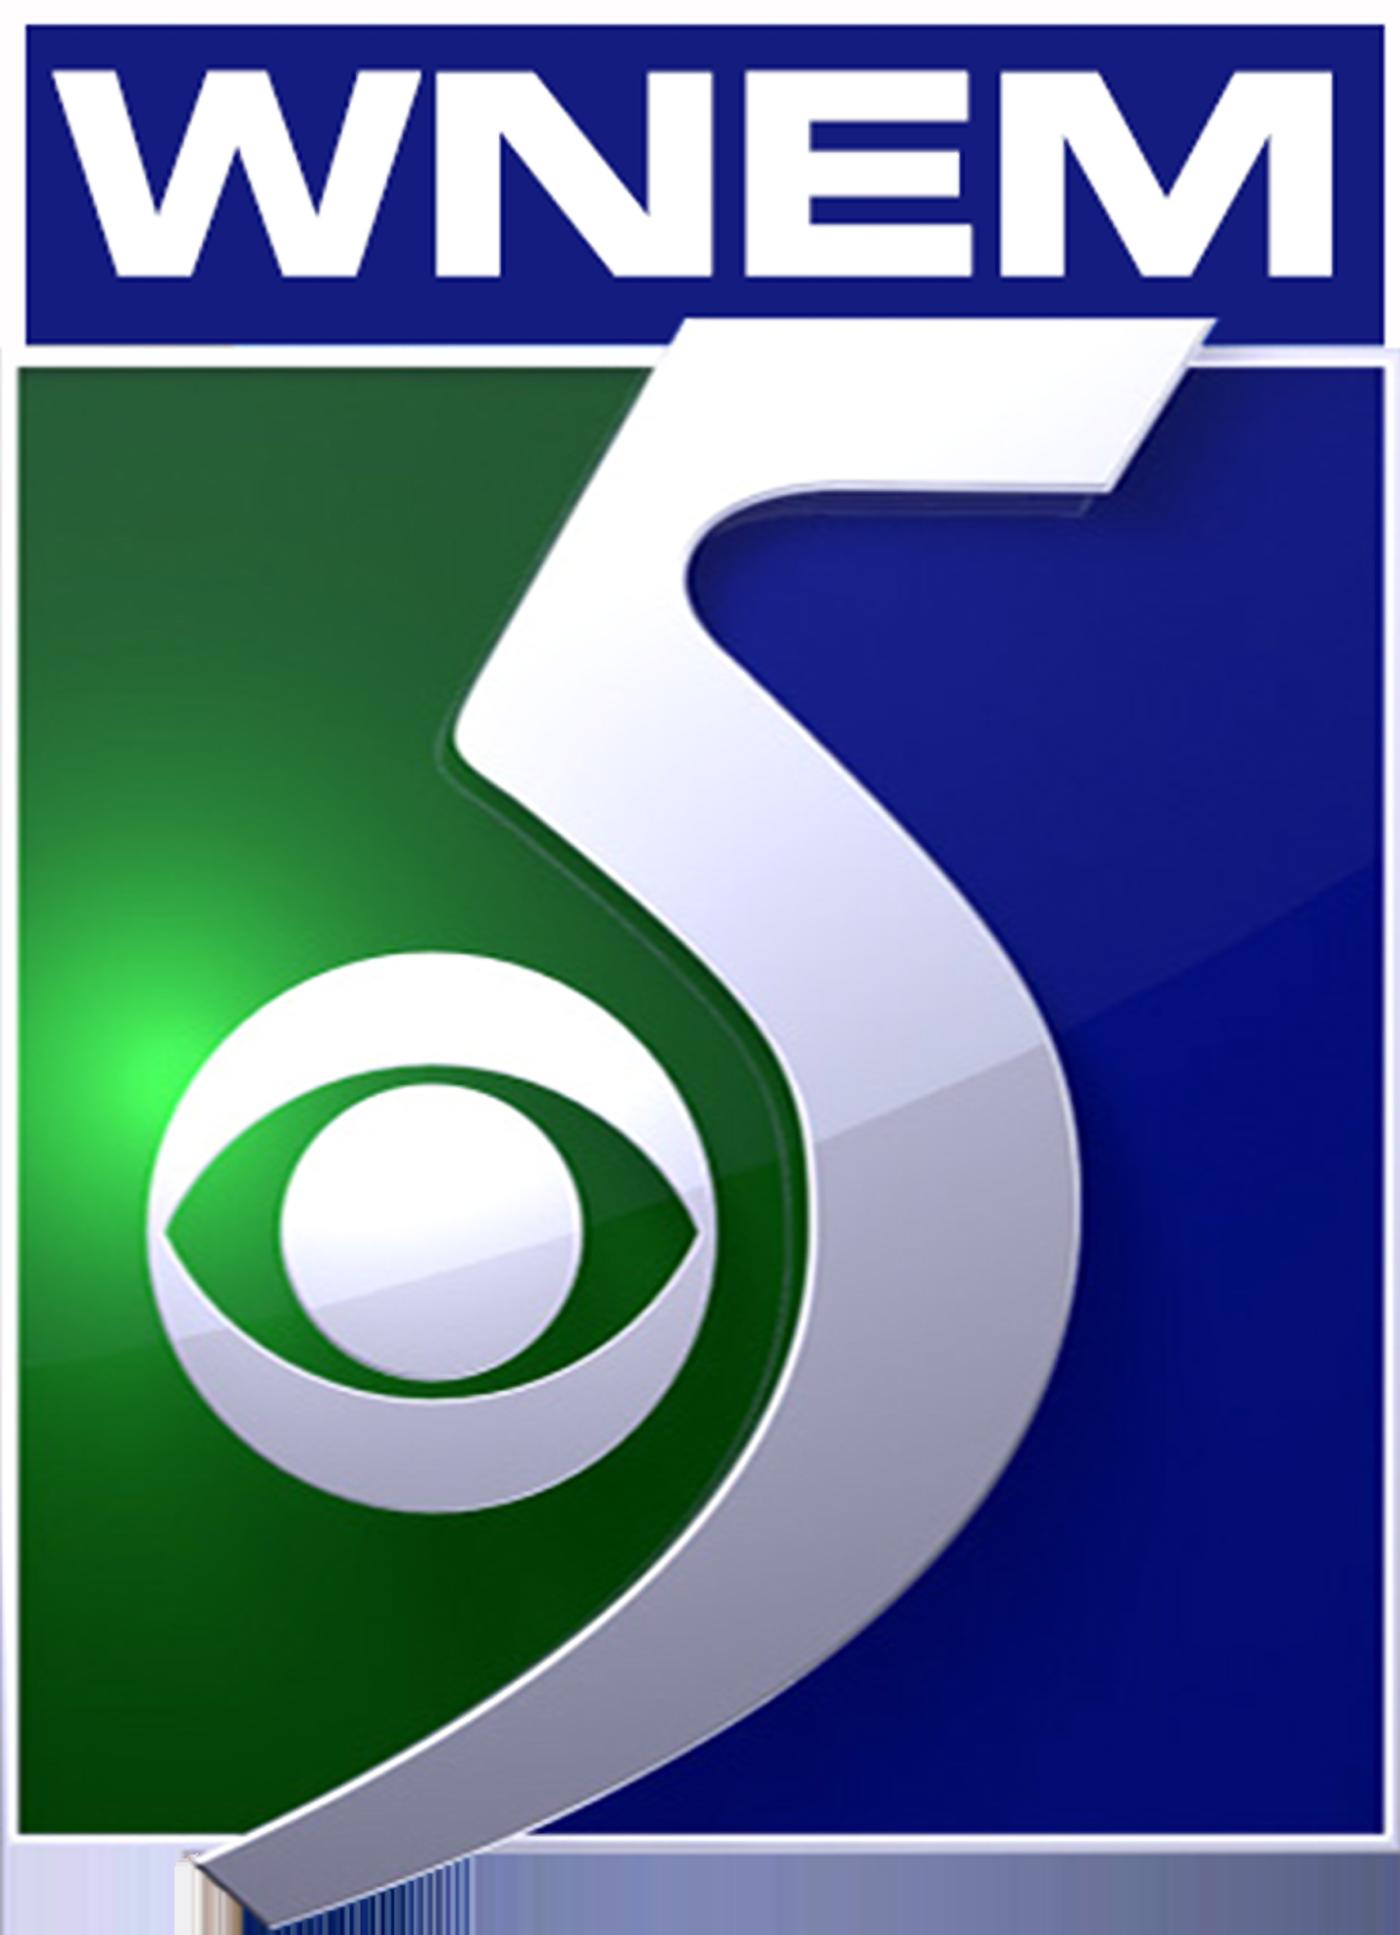 WNEM TV5 News Logo